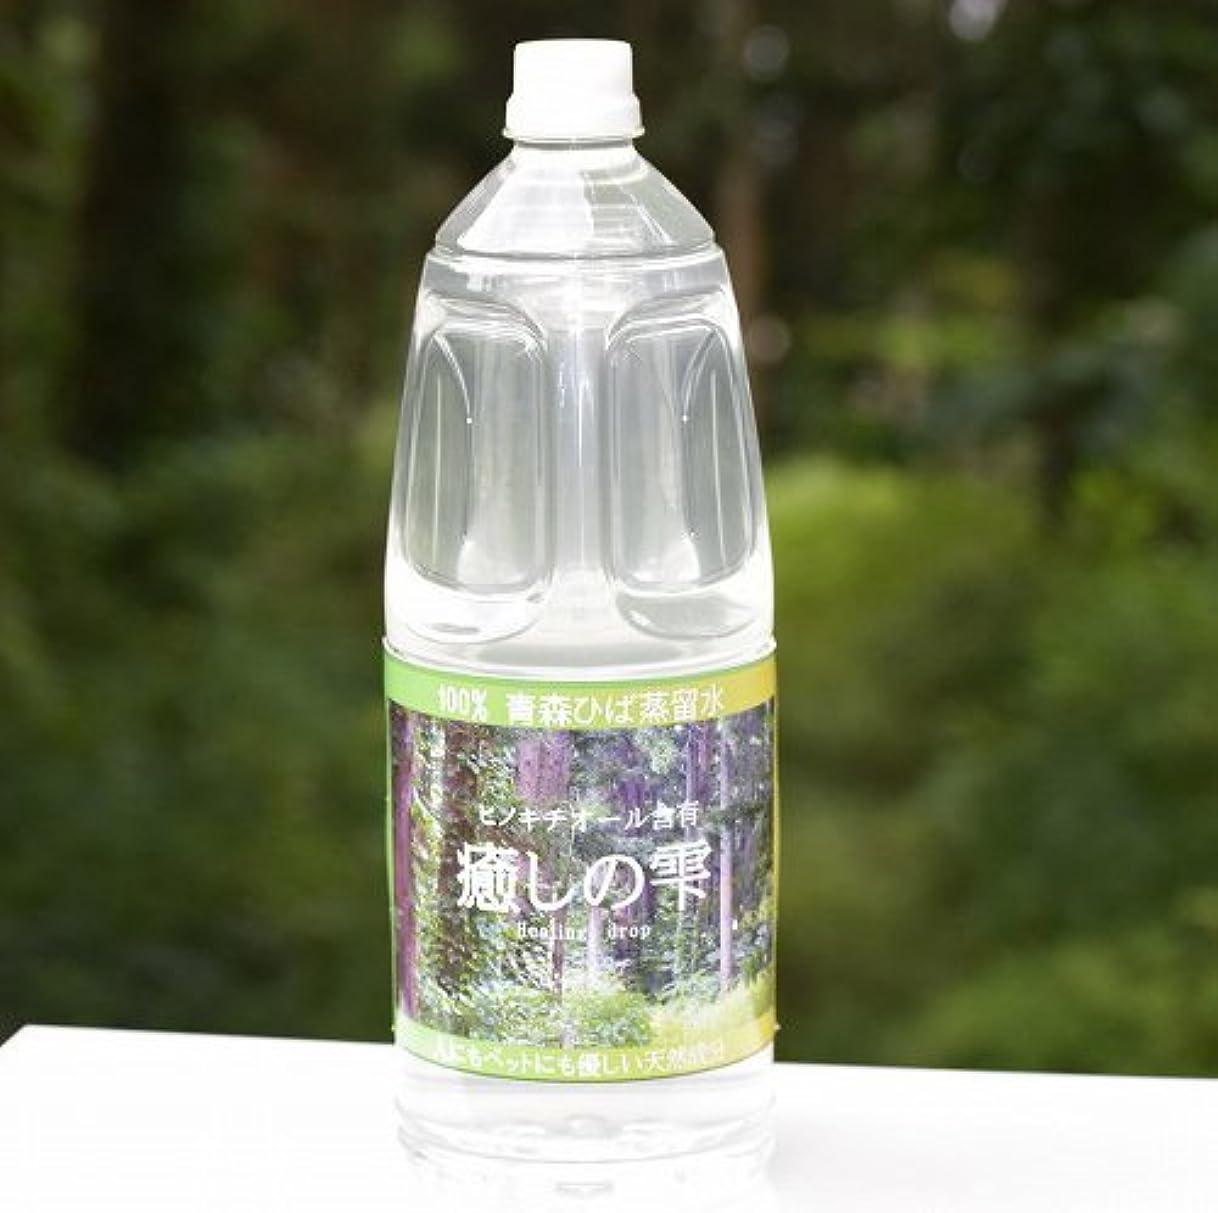 侵略ダム万歳青森ひば 天然ヒバ水 癒しの雫 蒸留水 送料無料 1.8L×10本